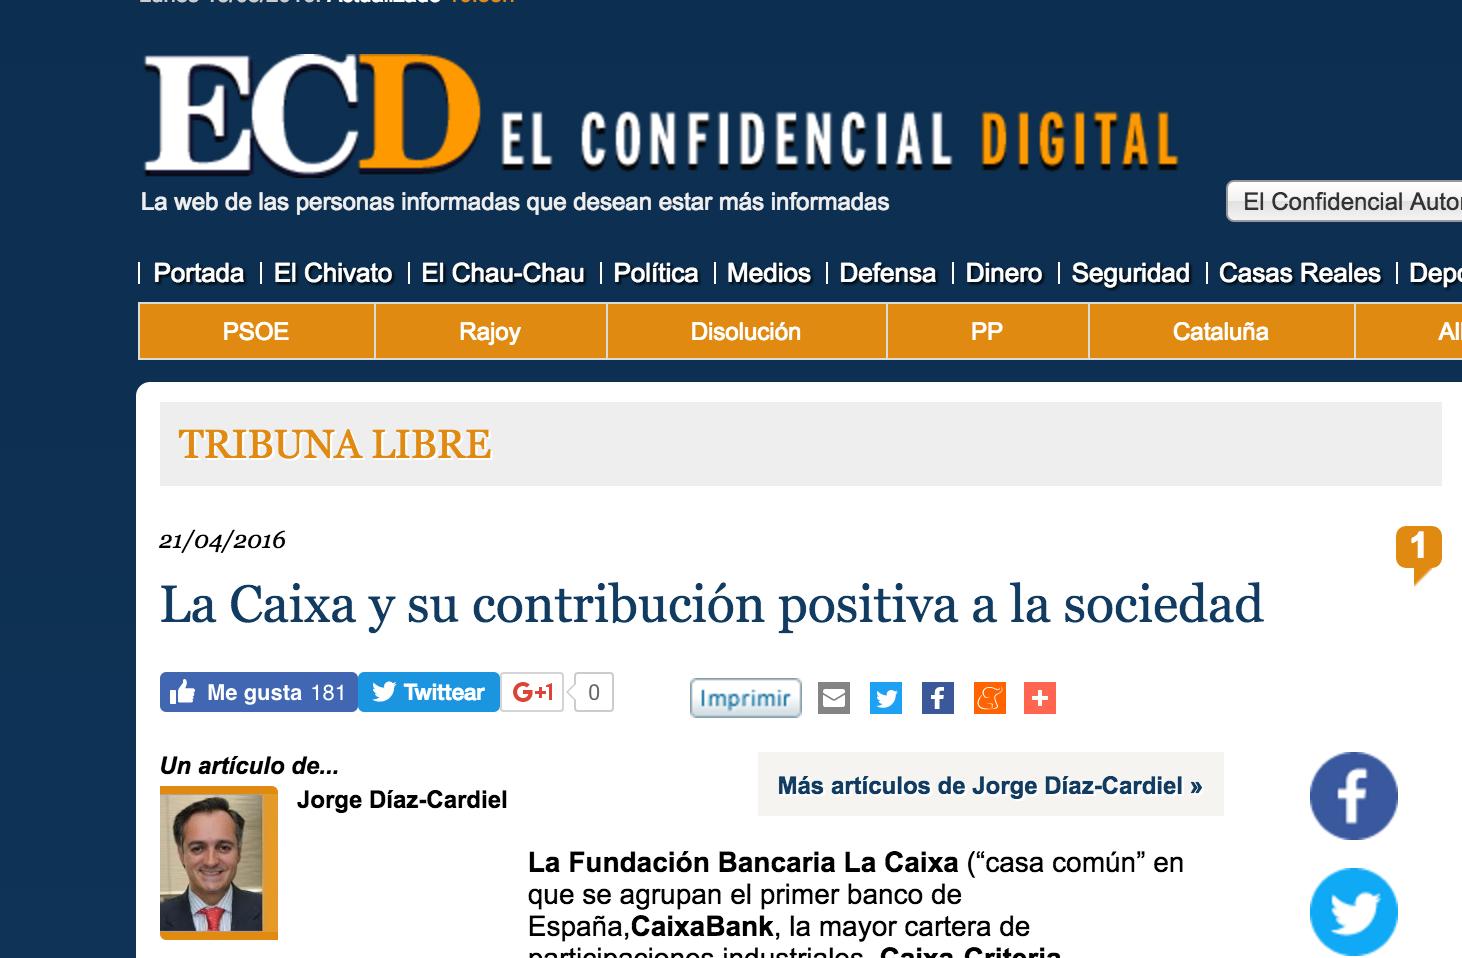 Artículo de Jorge Díaz-Cardiel en 'El Confidencial Digital'